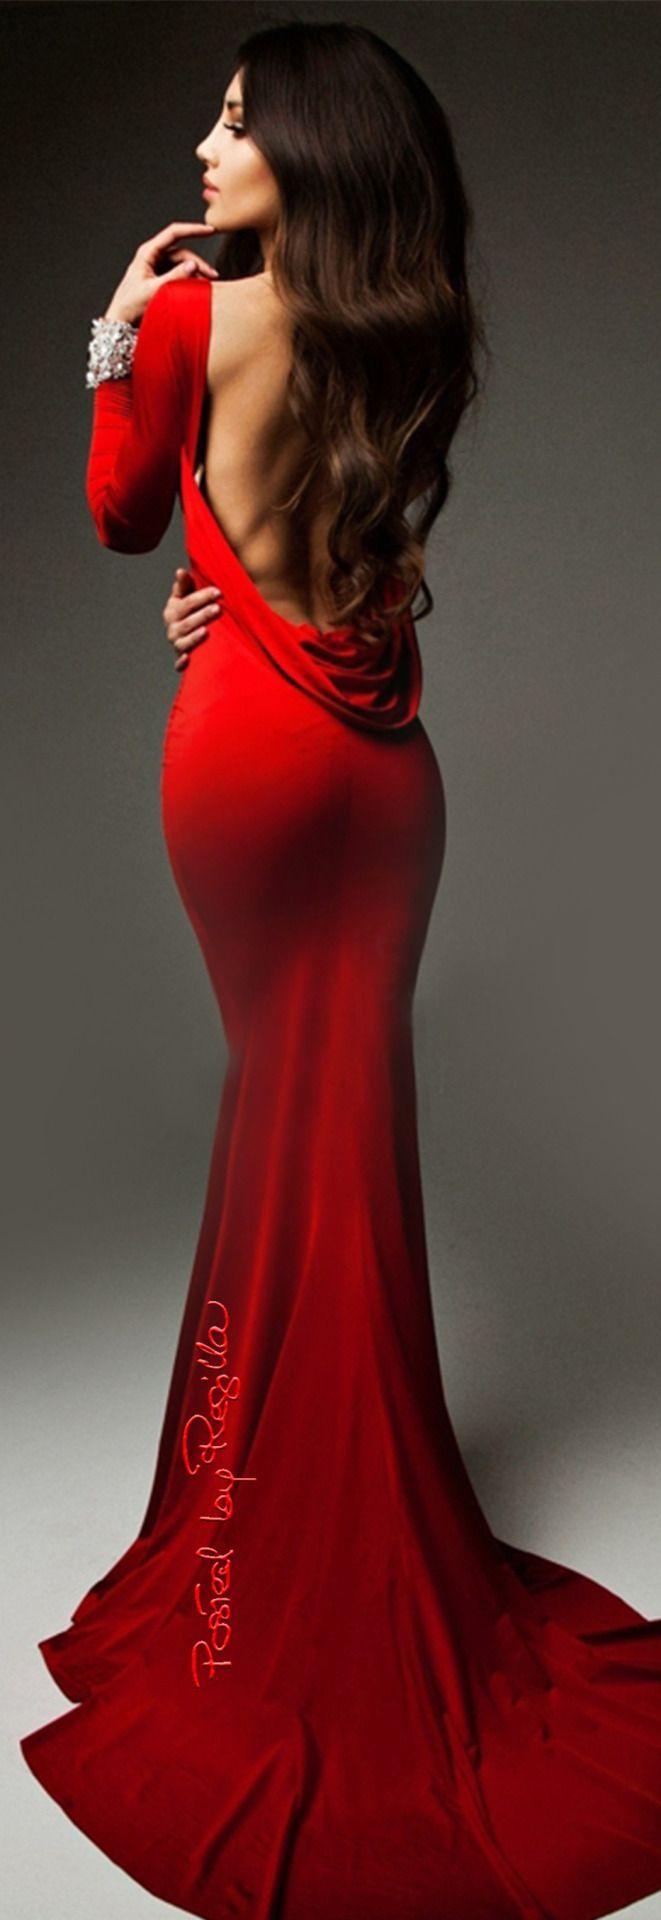 Long Sleeved Prom Dresses